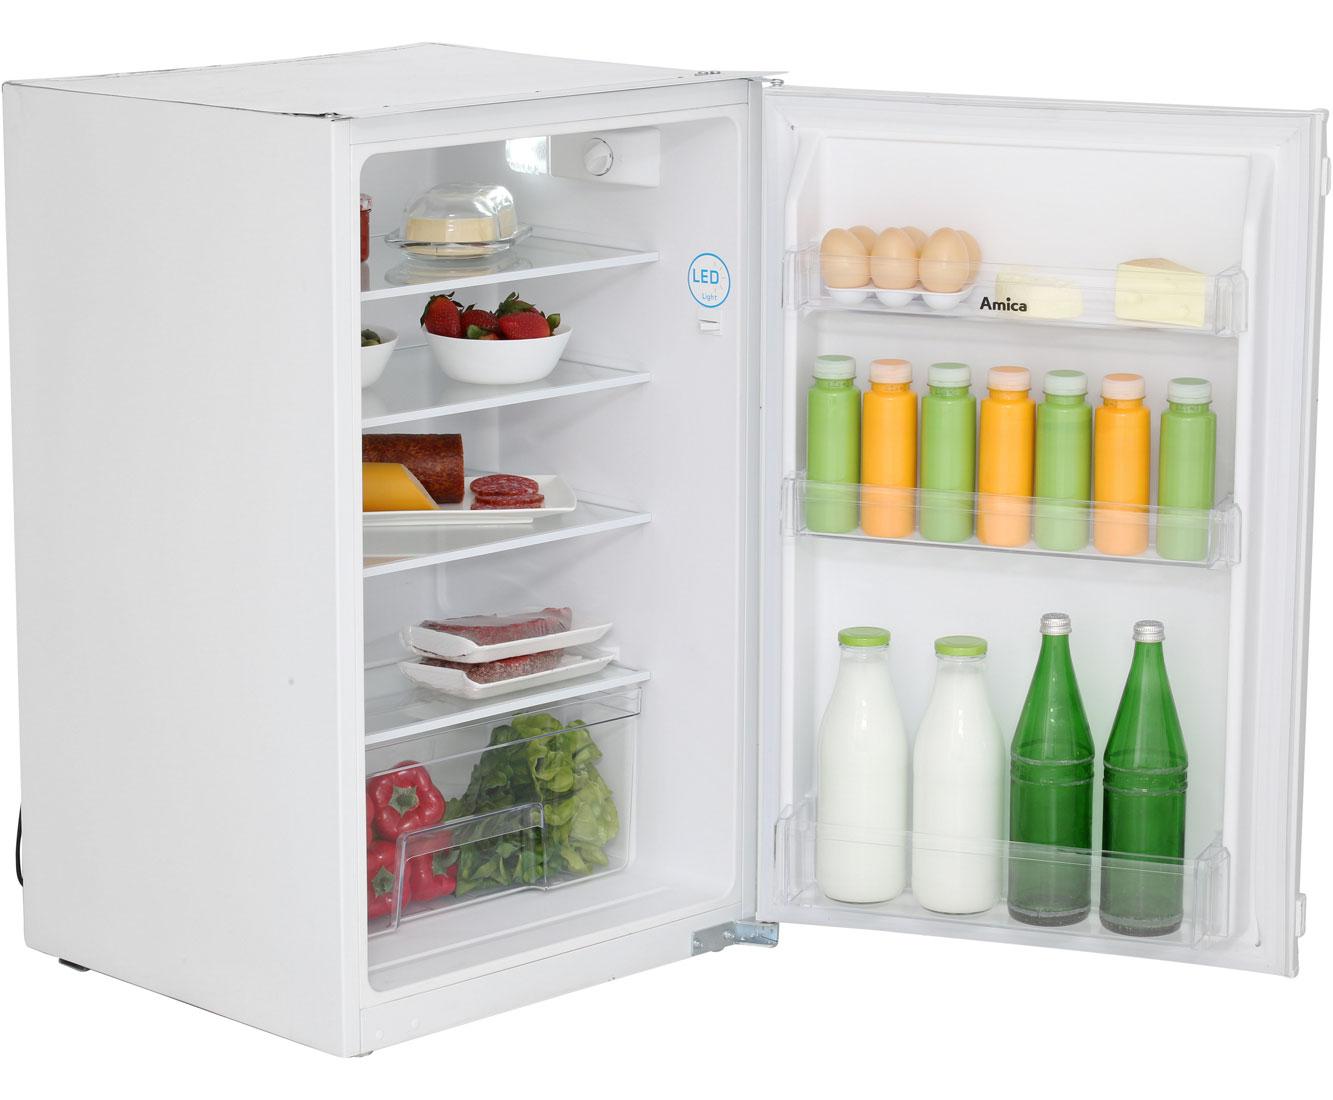 Amica Kühlschrank Geht Nicht Mehr : Amica kühlschrank geht nicht mehr kühlschrank günstig kaufen bei